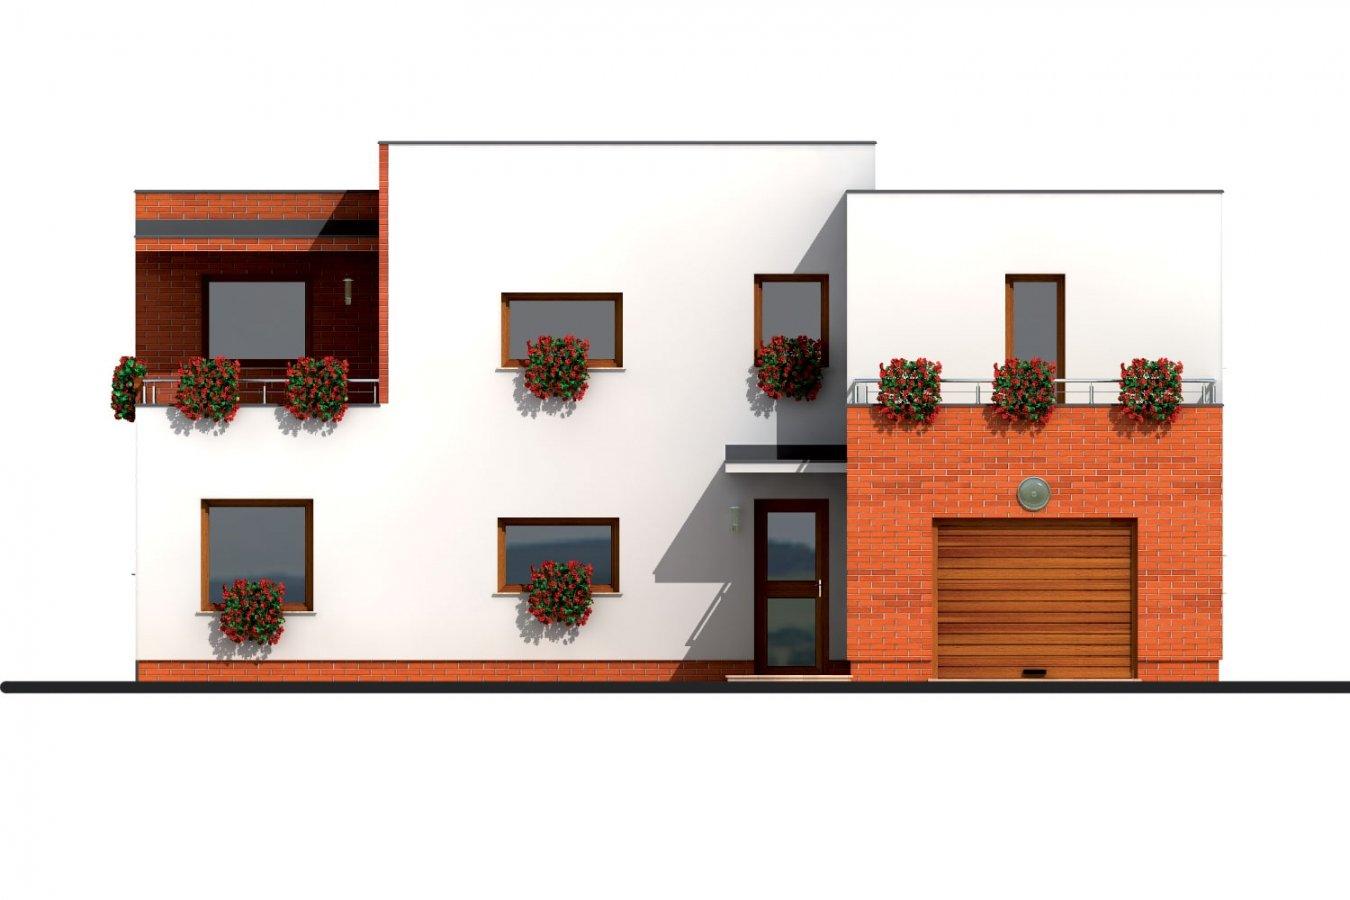 Pohľad 1. - Veľký dom s plochou strechou.